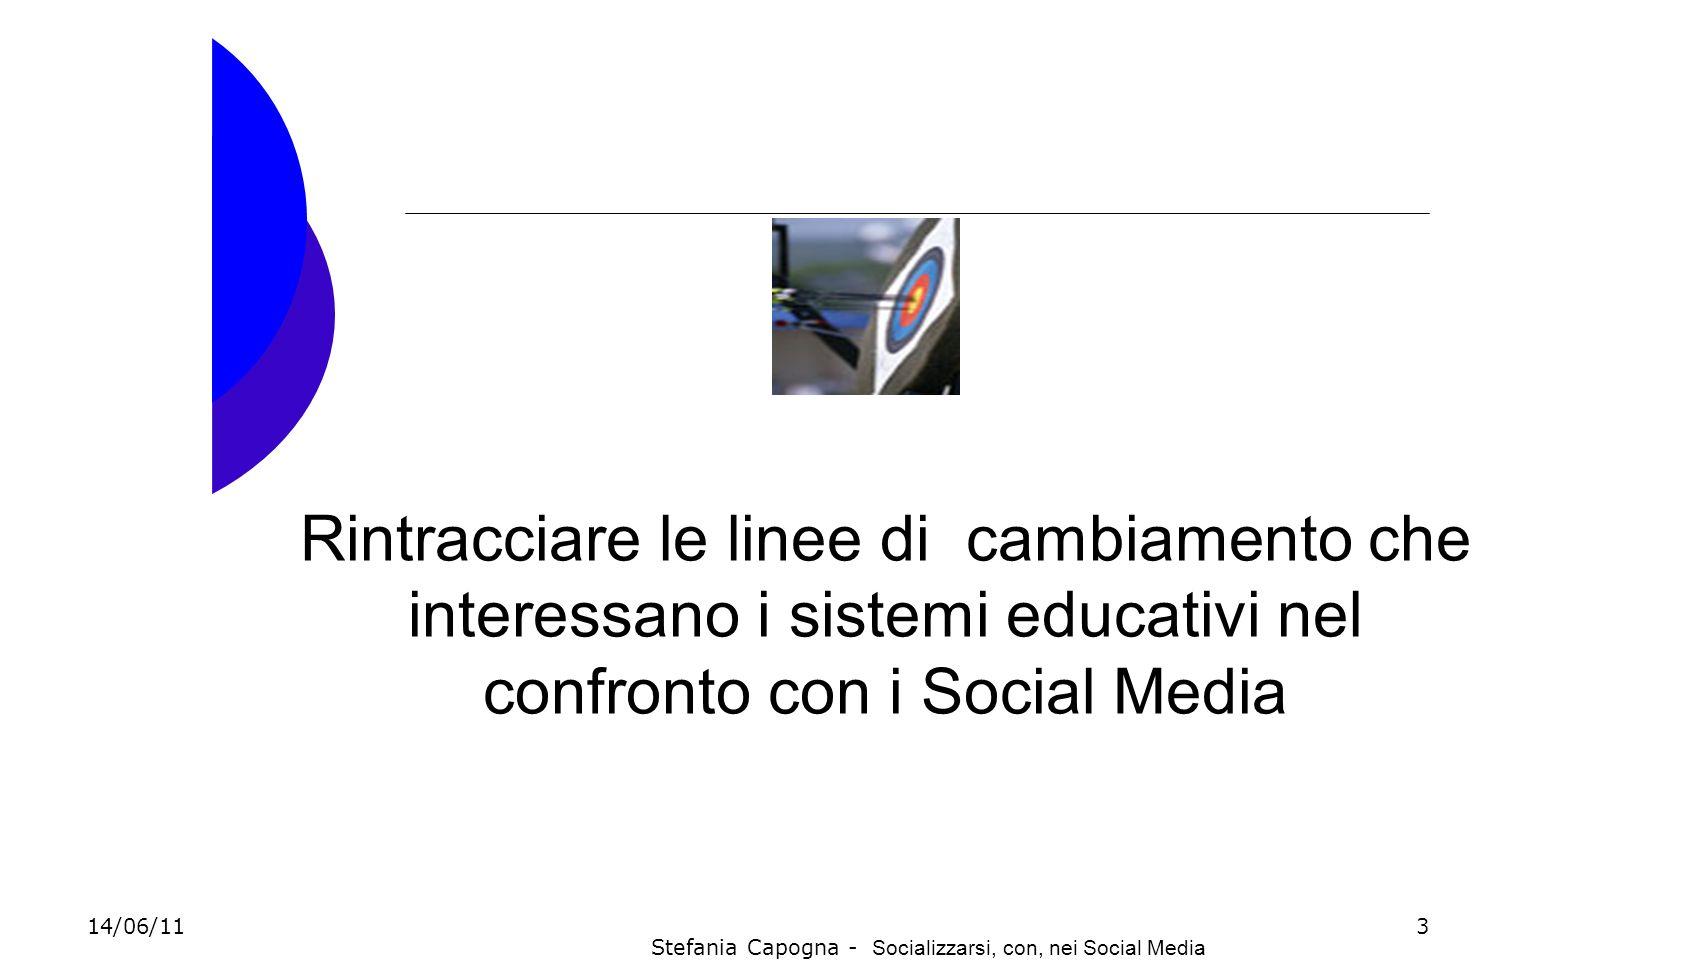 Stefania Capogna - Socializzarsi, con, nei Social Media